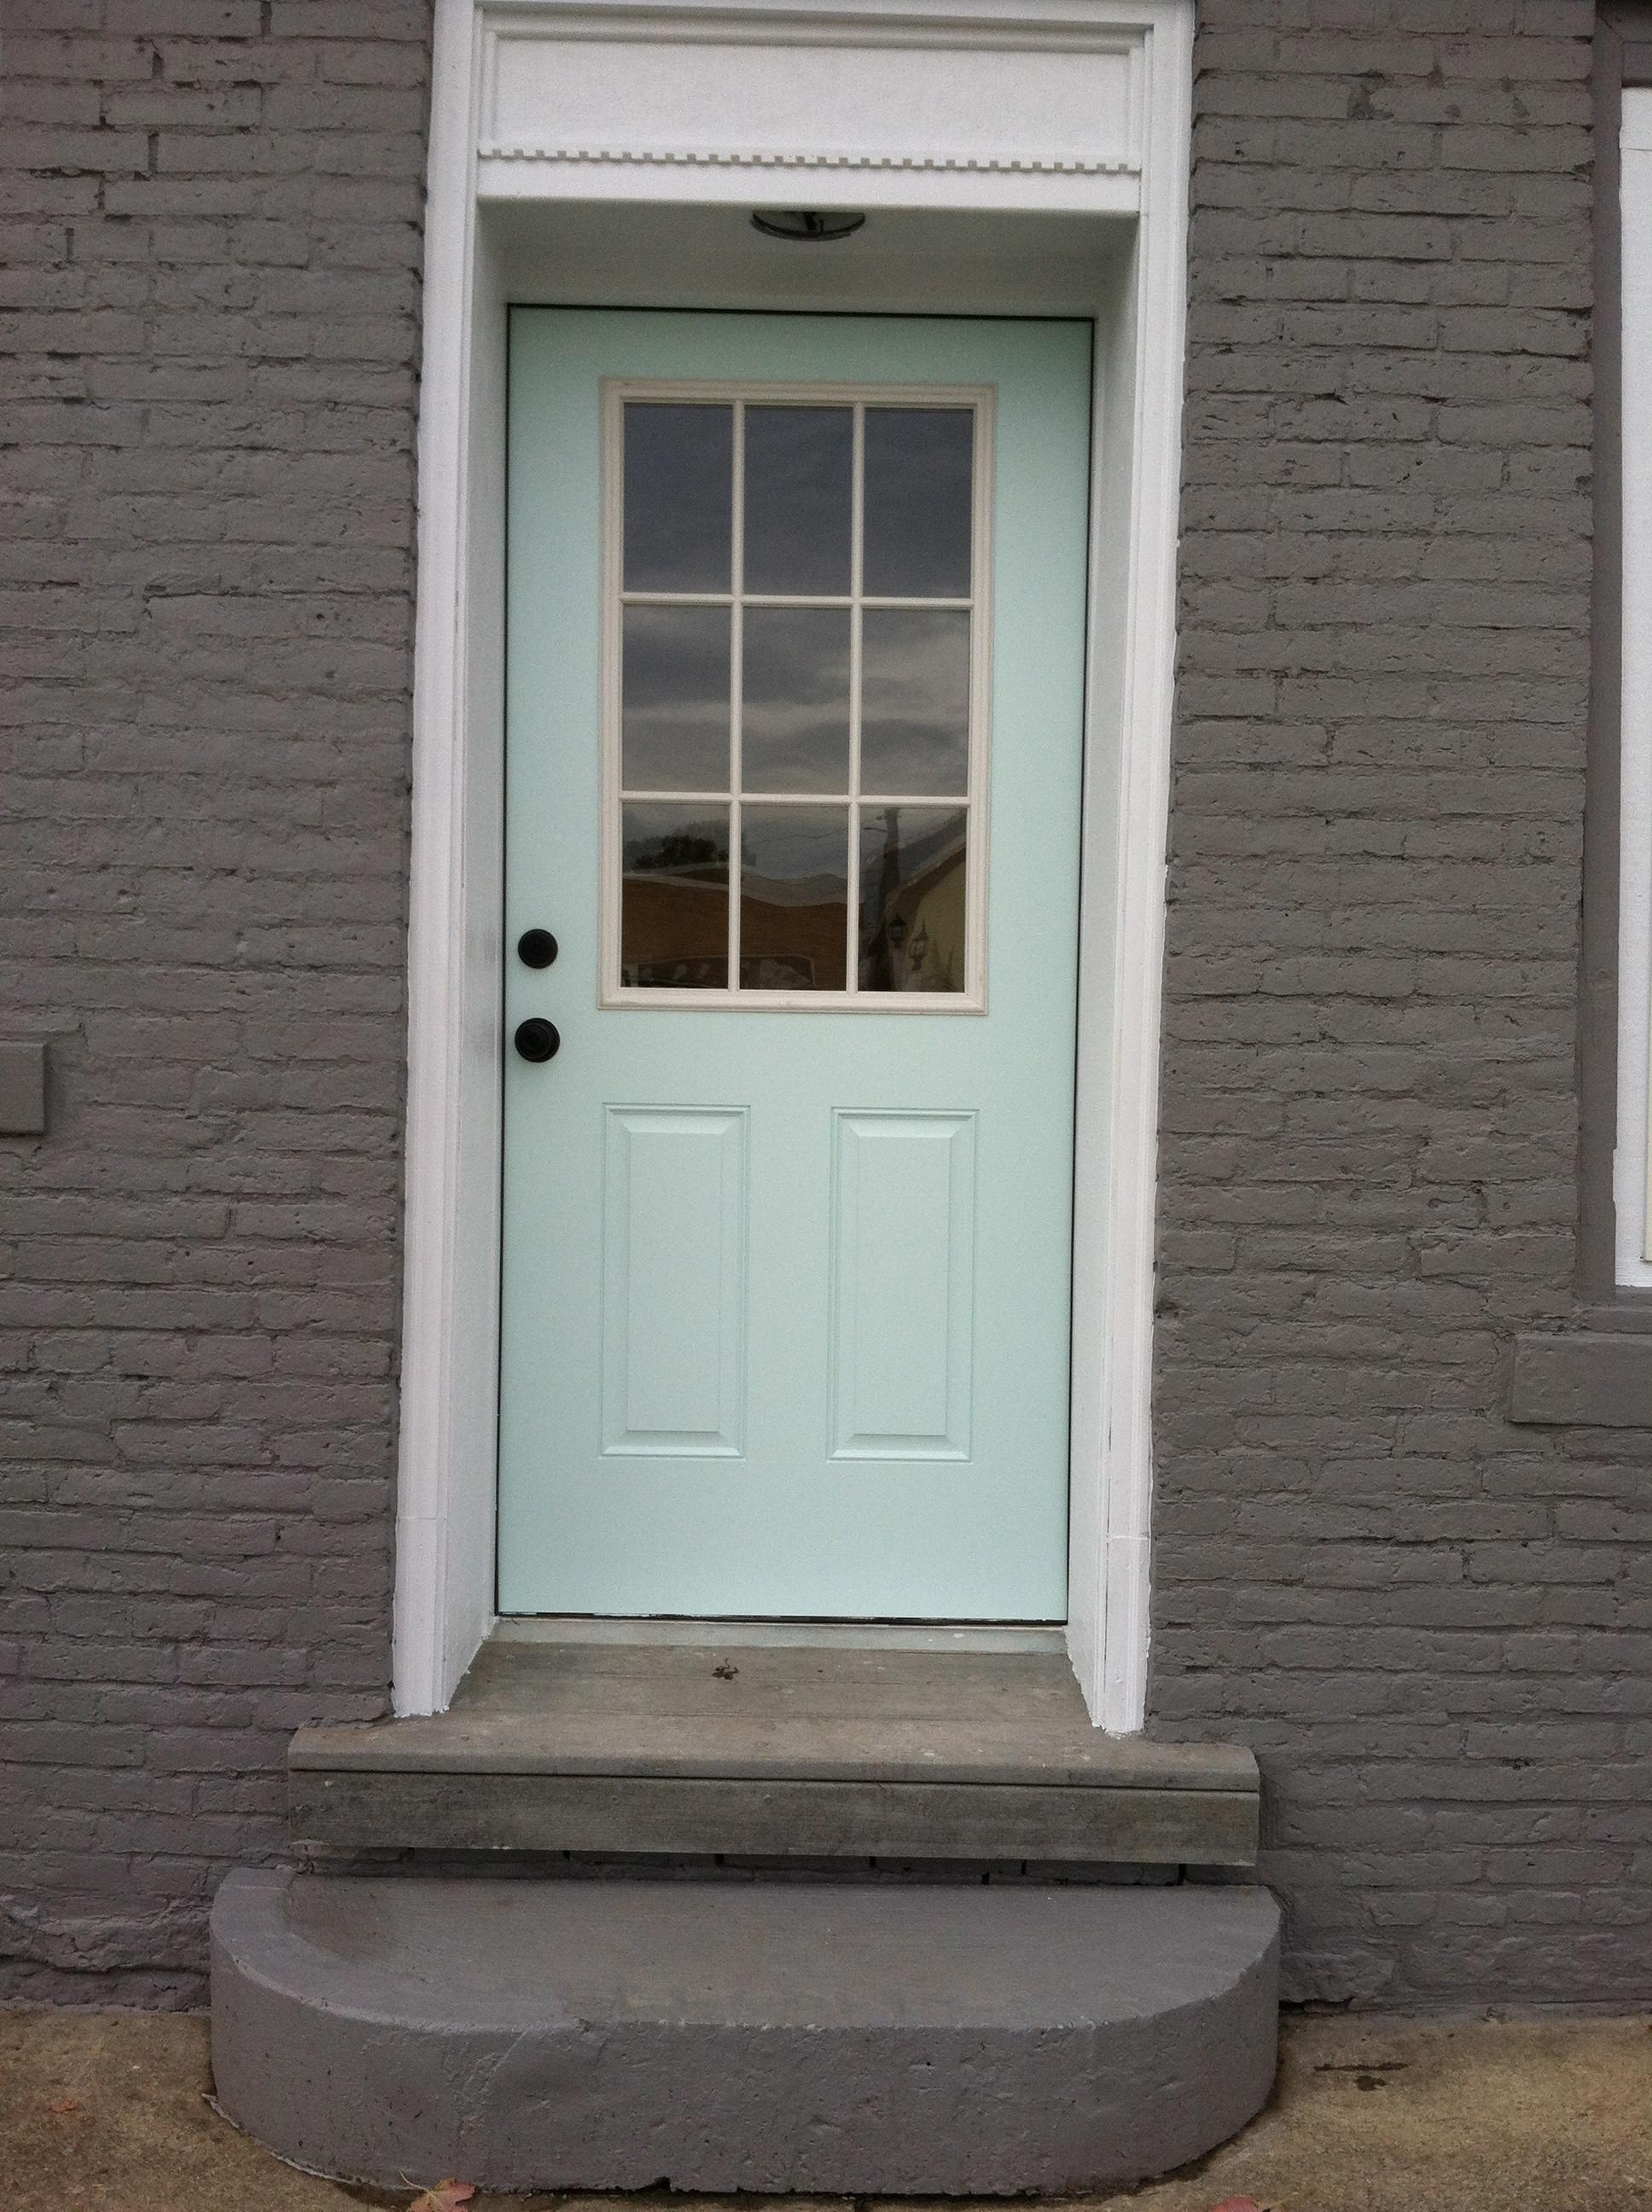 The Door - Round 1